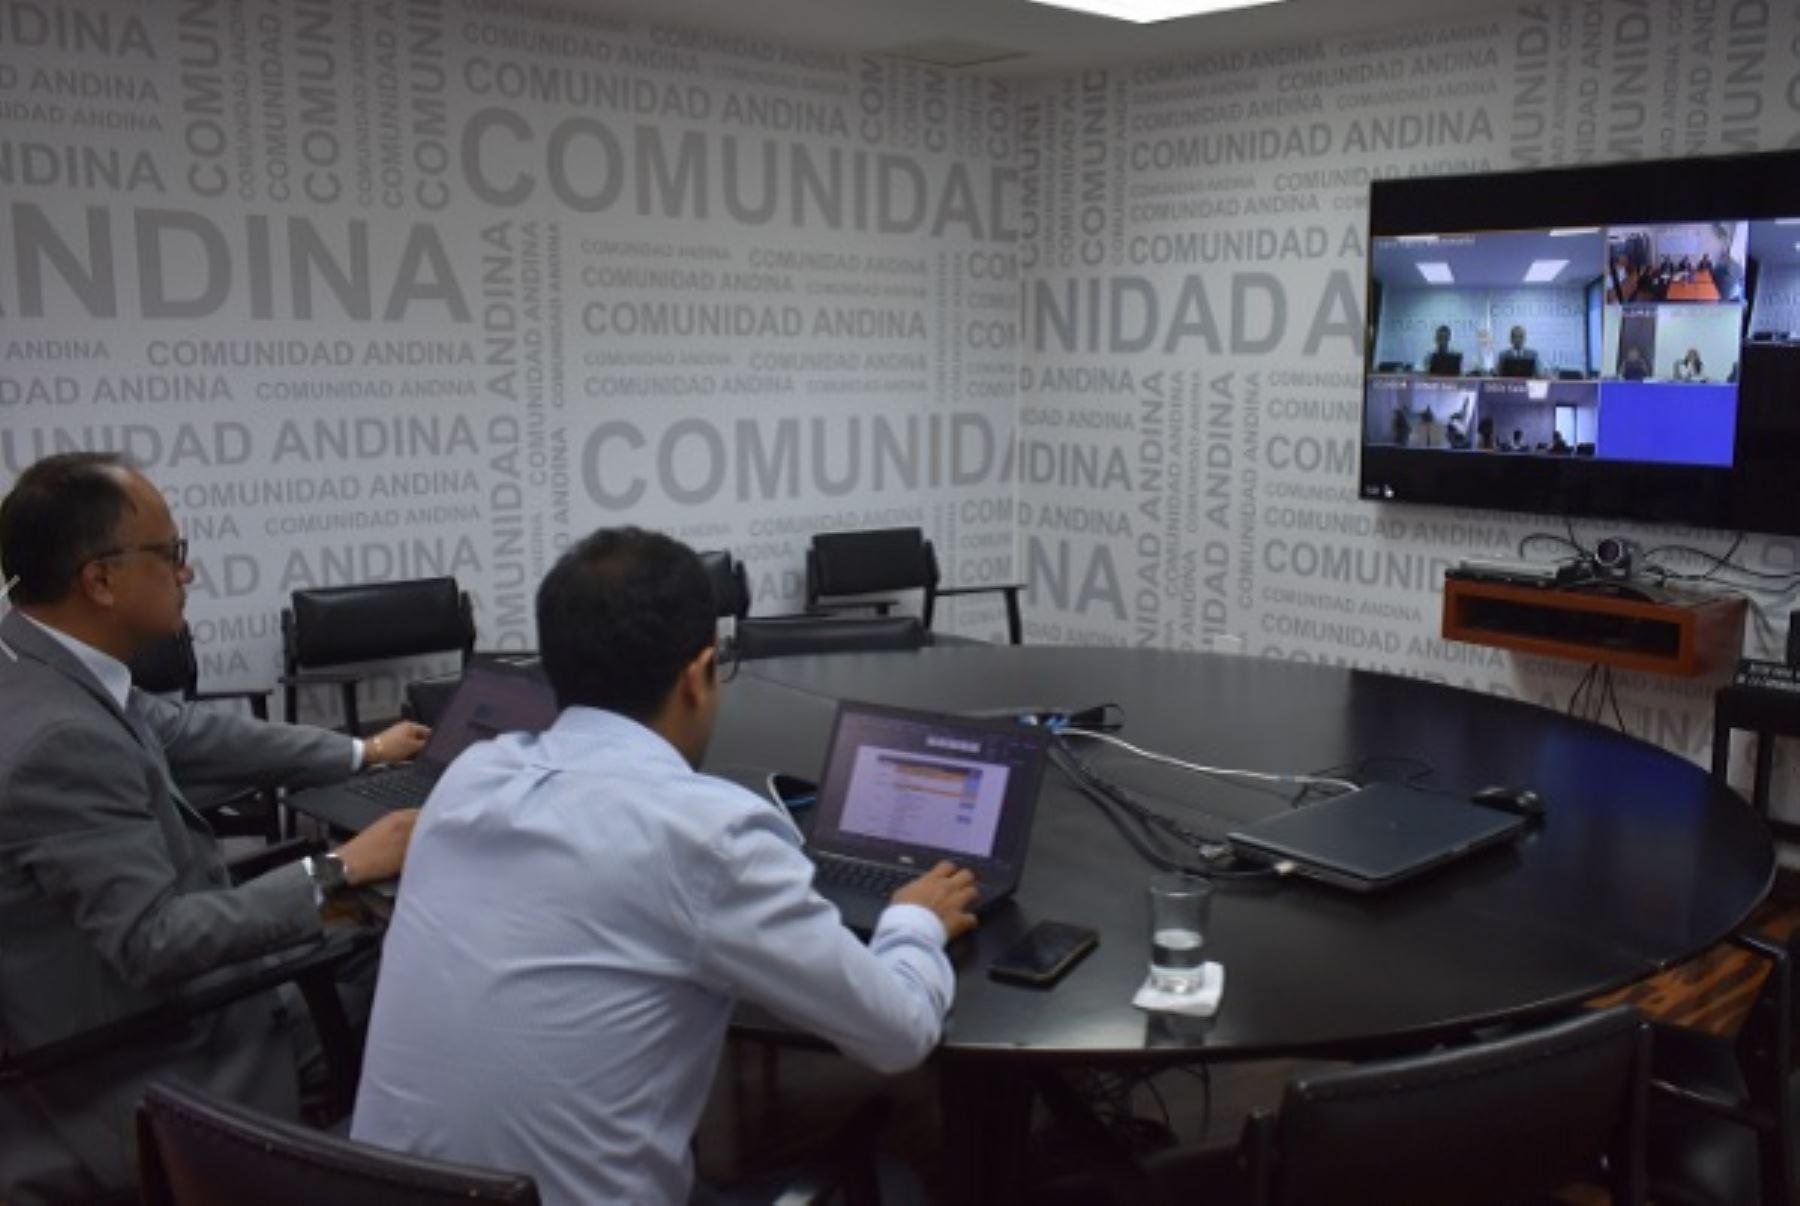 Videoconferencia en la Comunidad Andina. Foto: Cortesía.